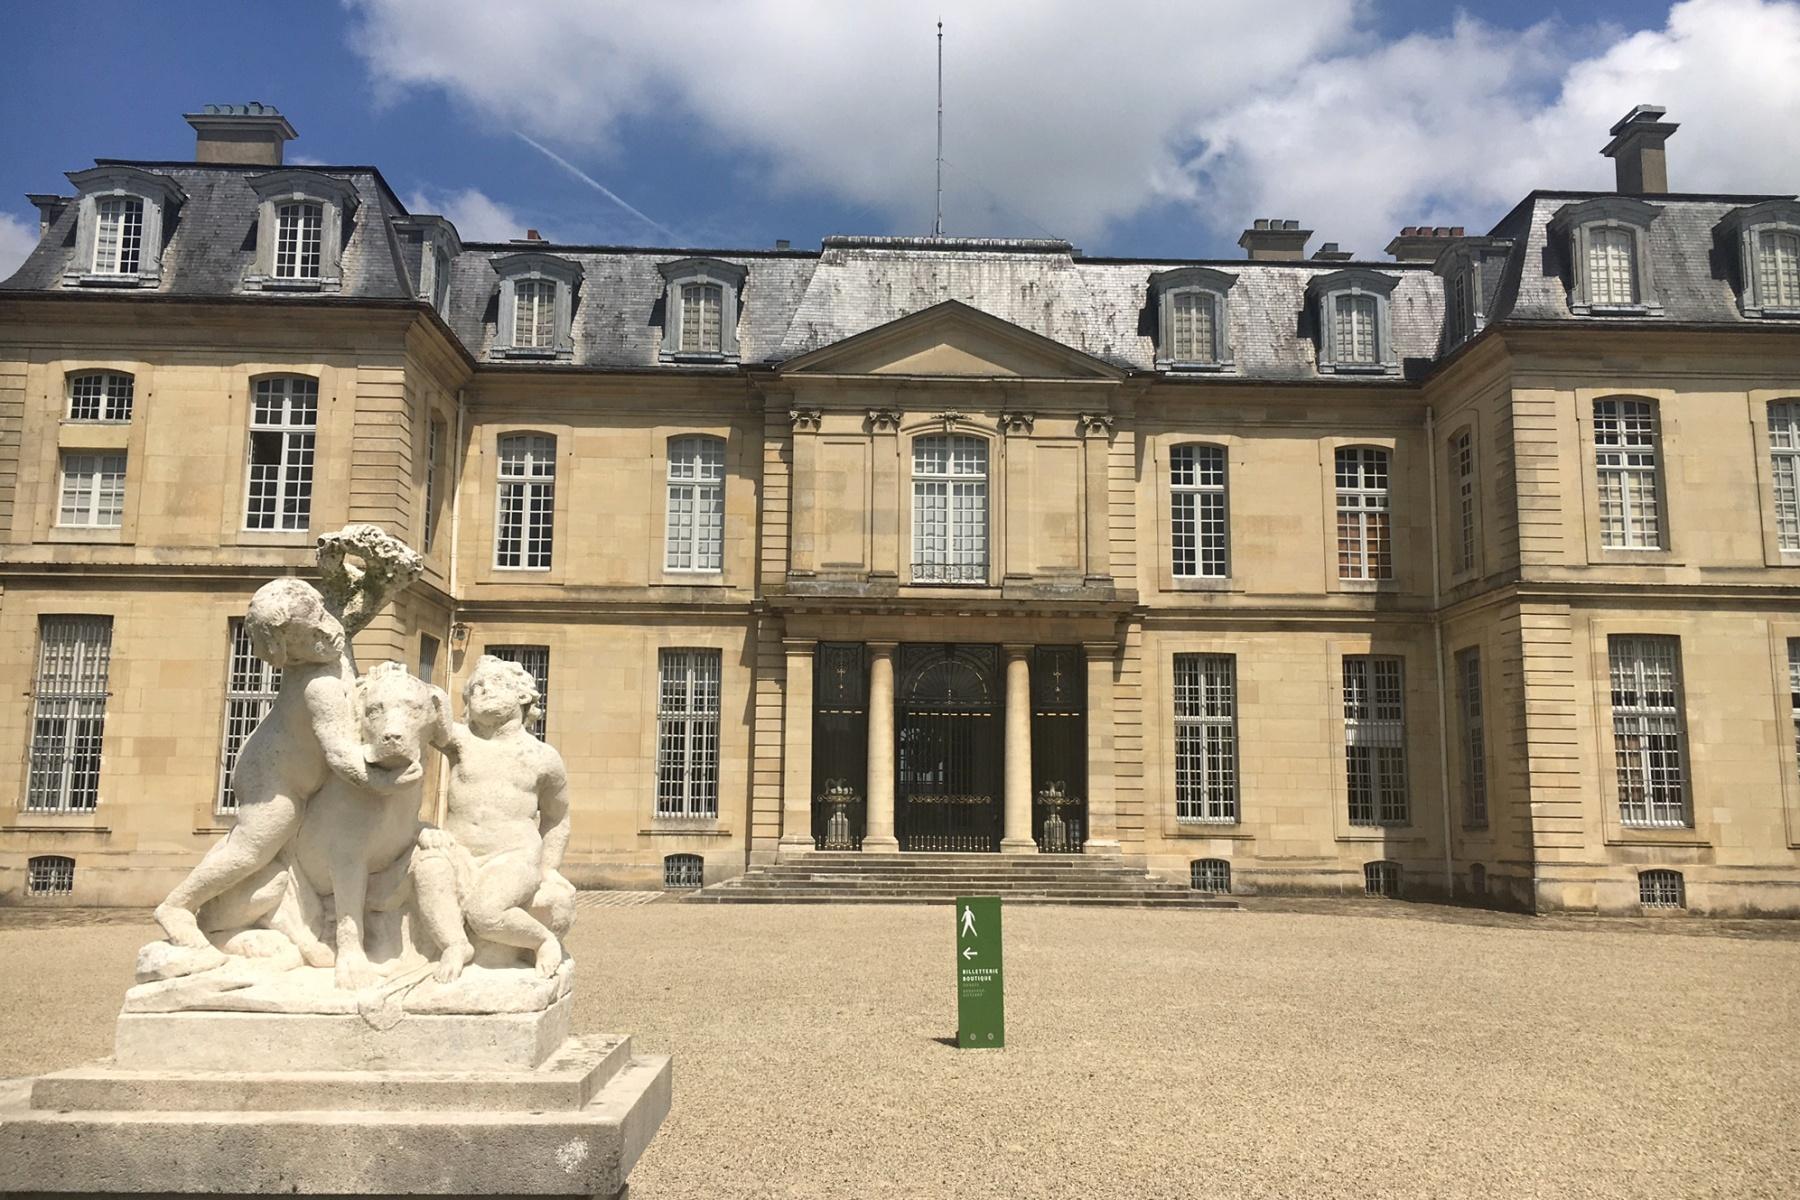 Zámek Champs sur Marne byl postaven na přelomu 17. a 18. století. V posledních letech si ho oblíbili hlavně filmaři